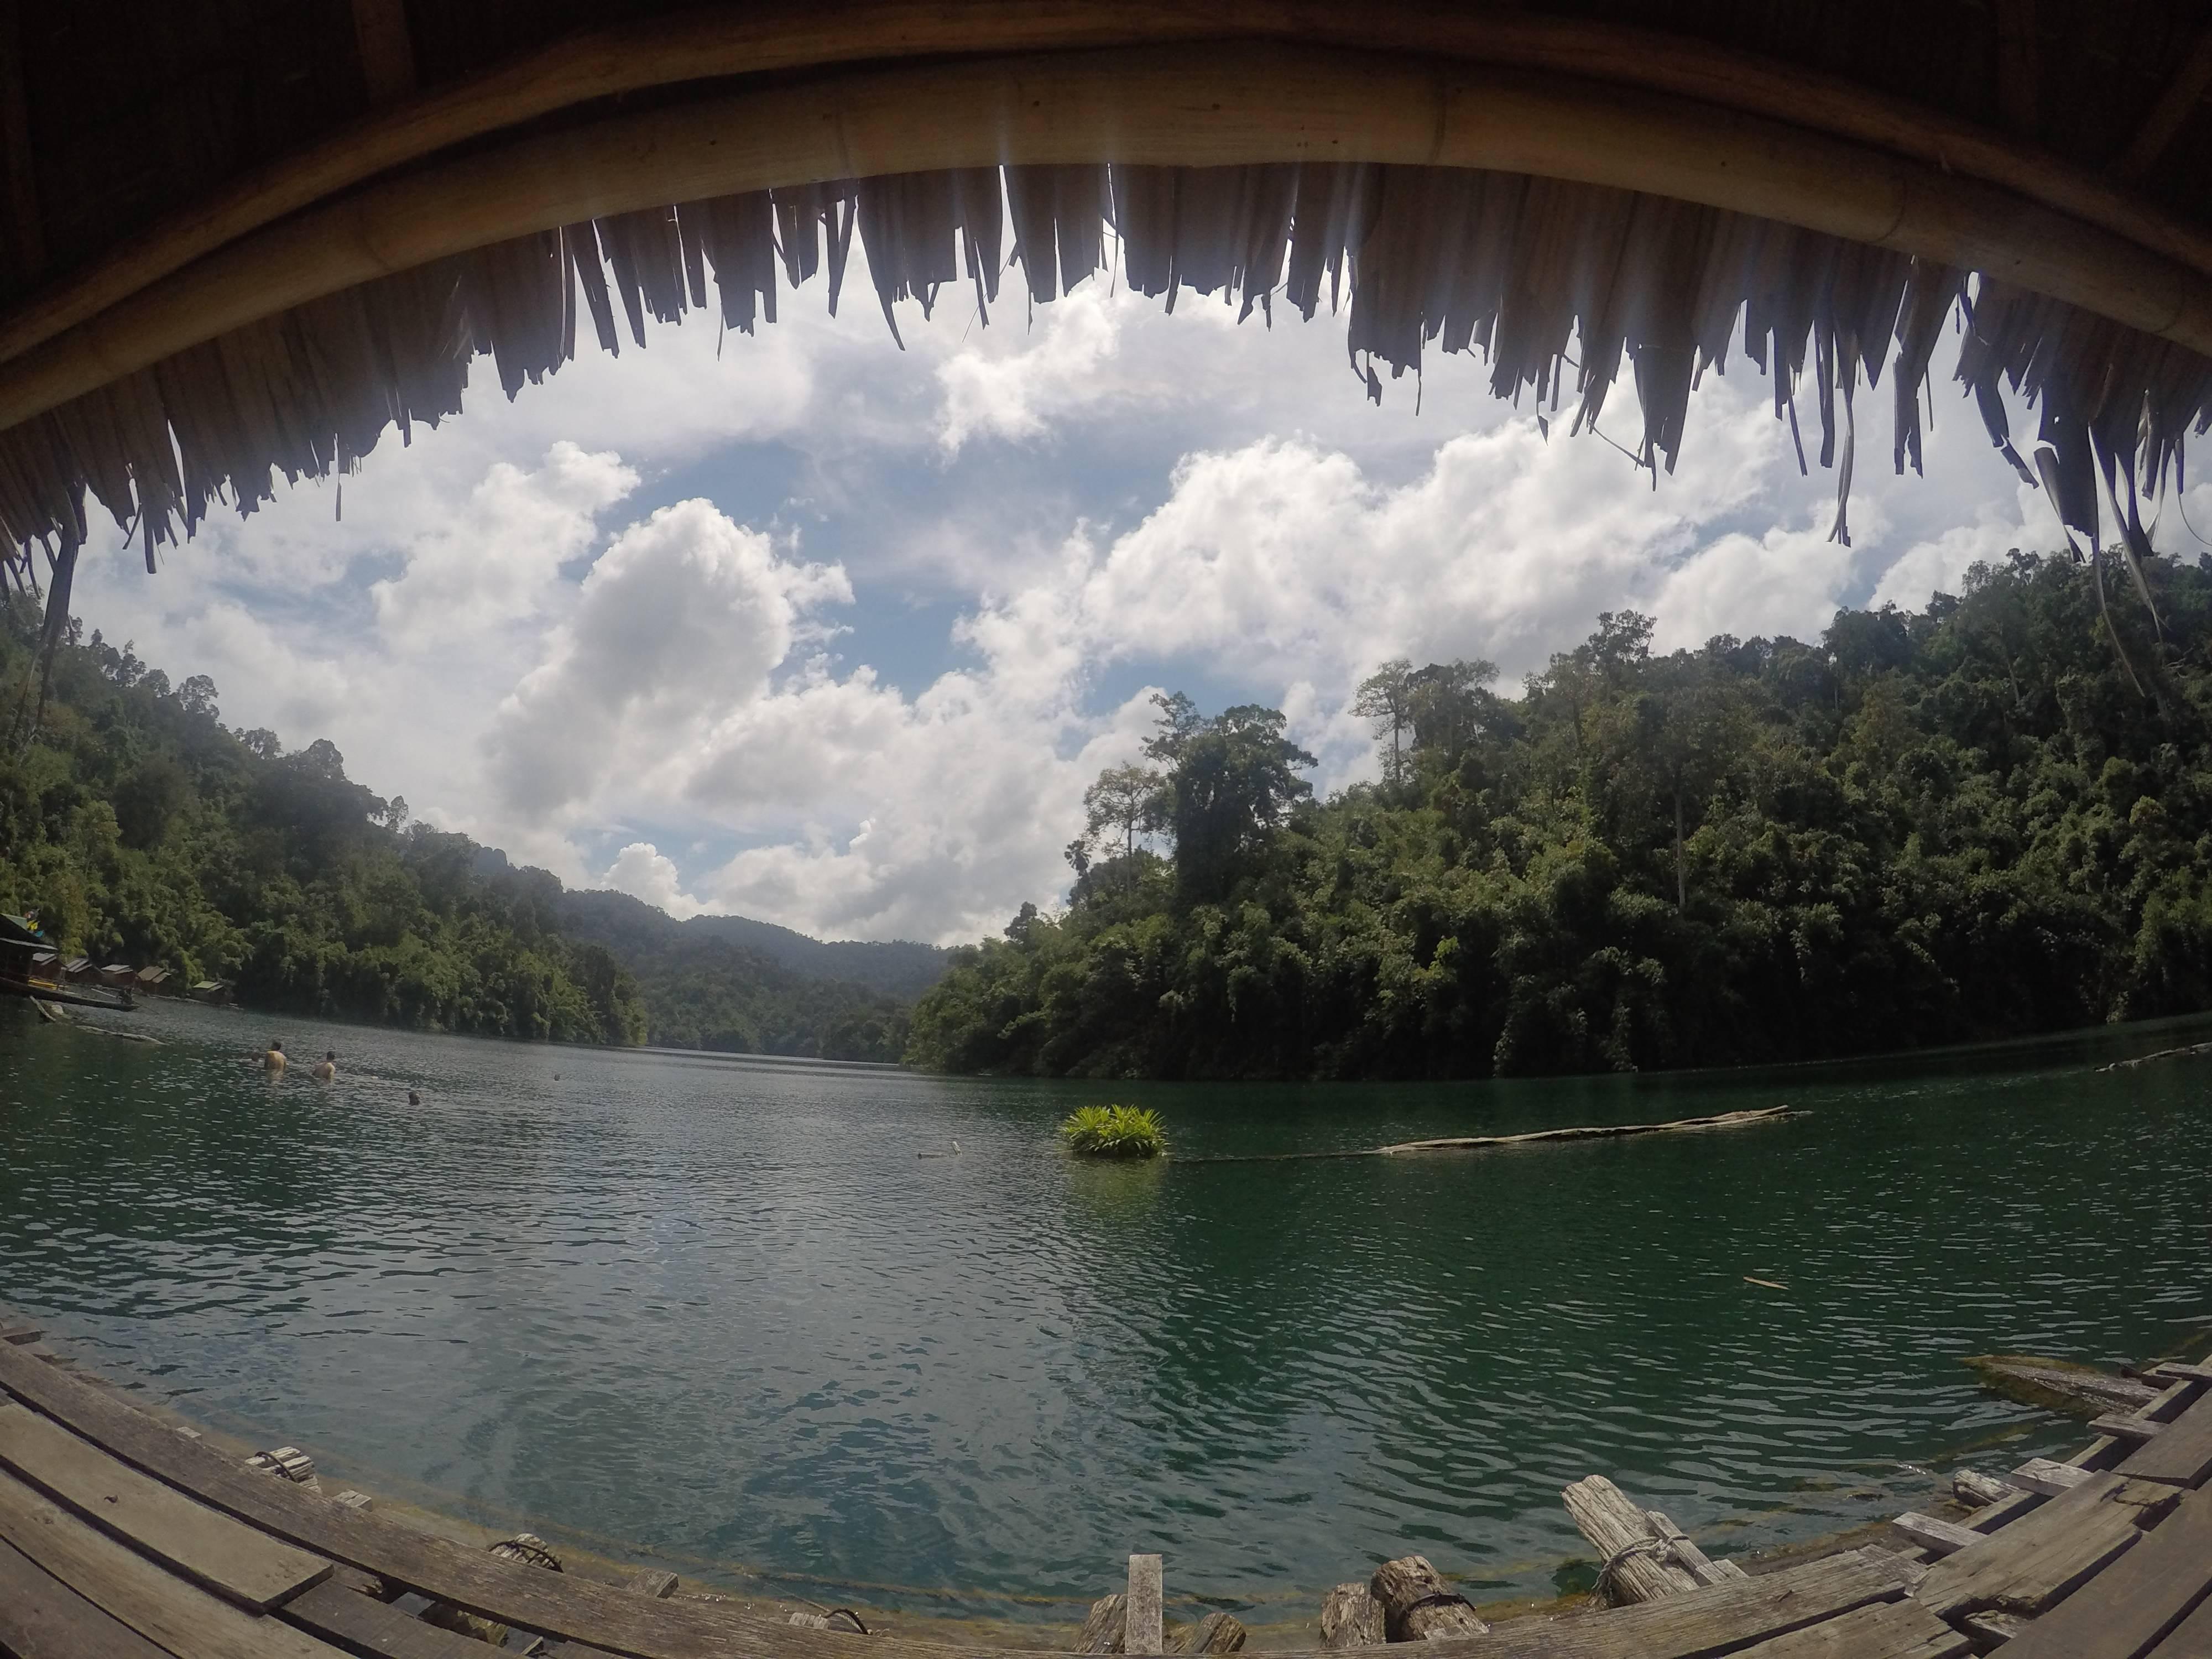 Photo 1: Un des joyaux naturel de la Thailande - Le lac de Chiew Larn